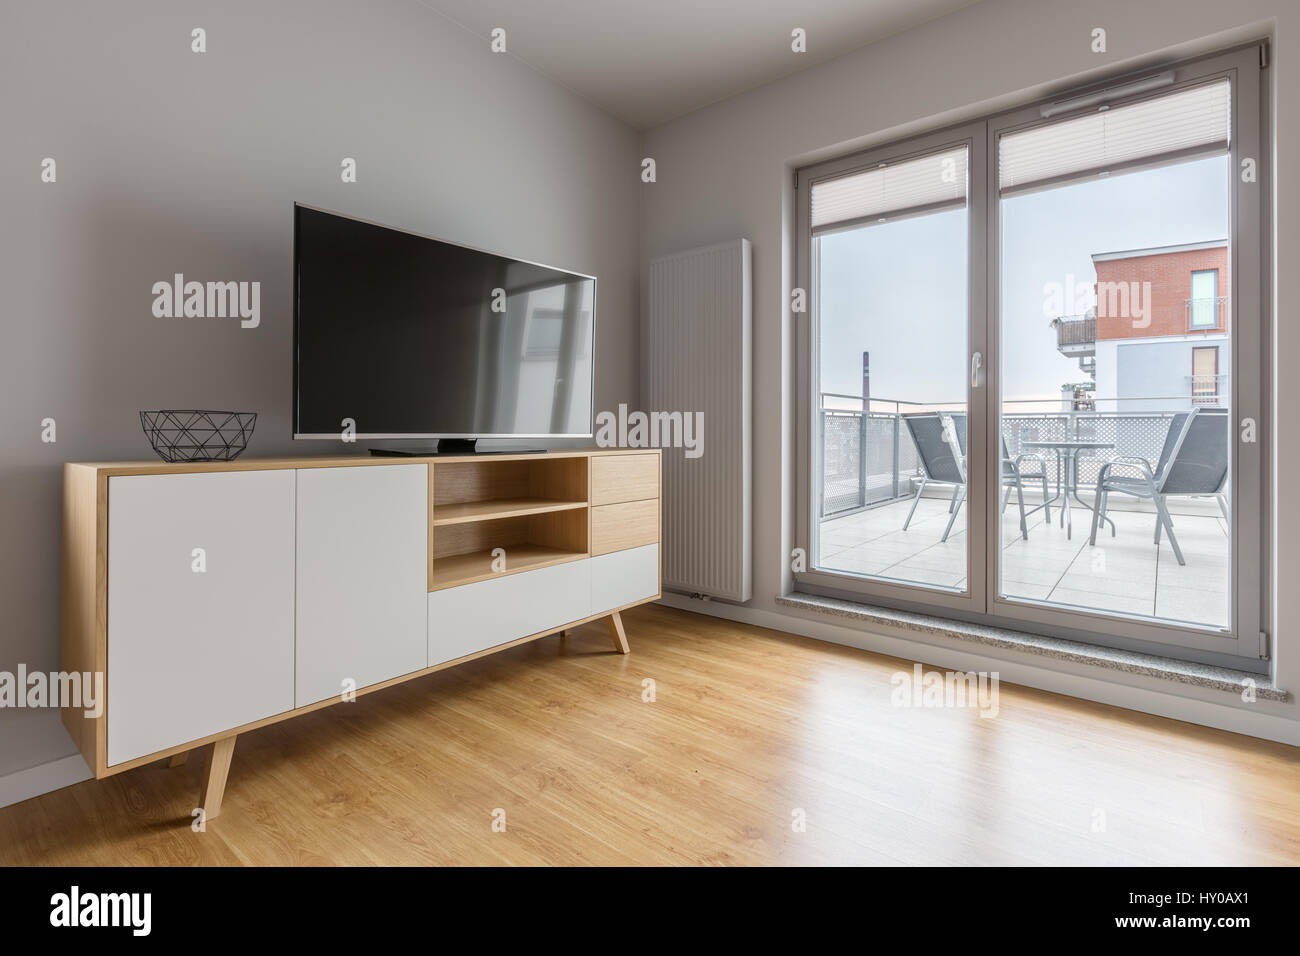 Grau Tv Wohnzimmer Mit Einfachen Schrank Bodenplatten Und Balkon